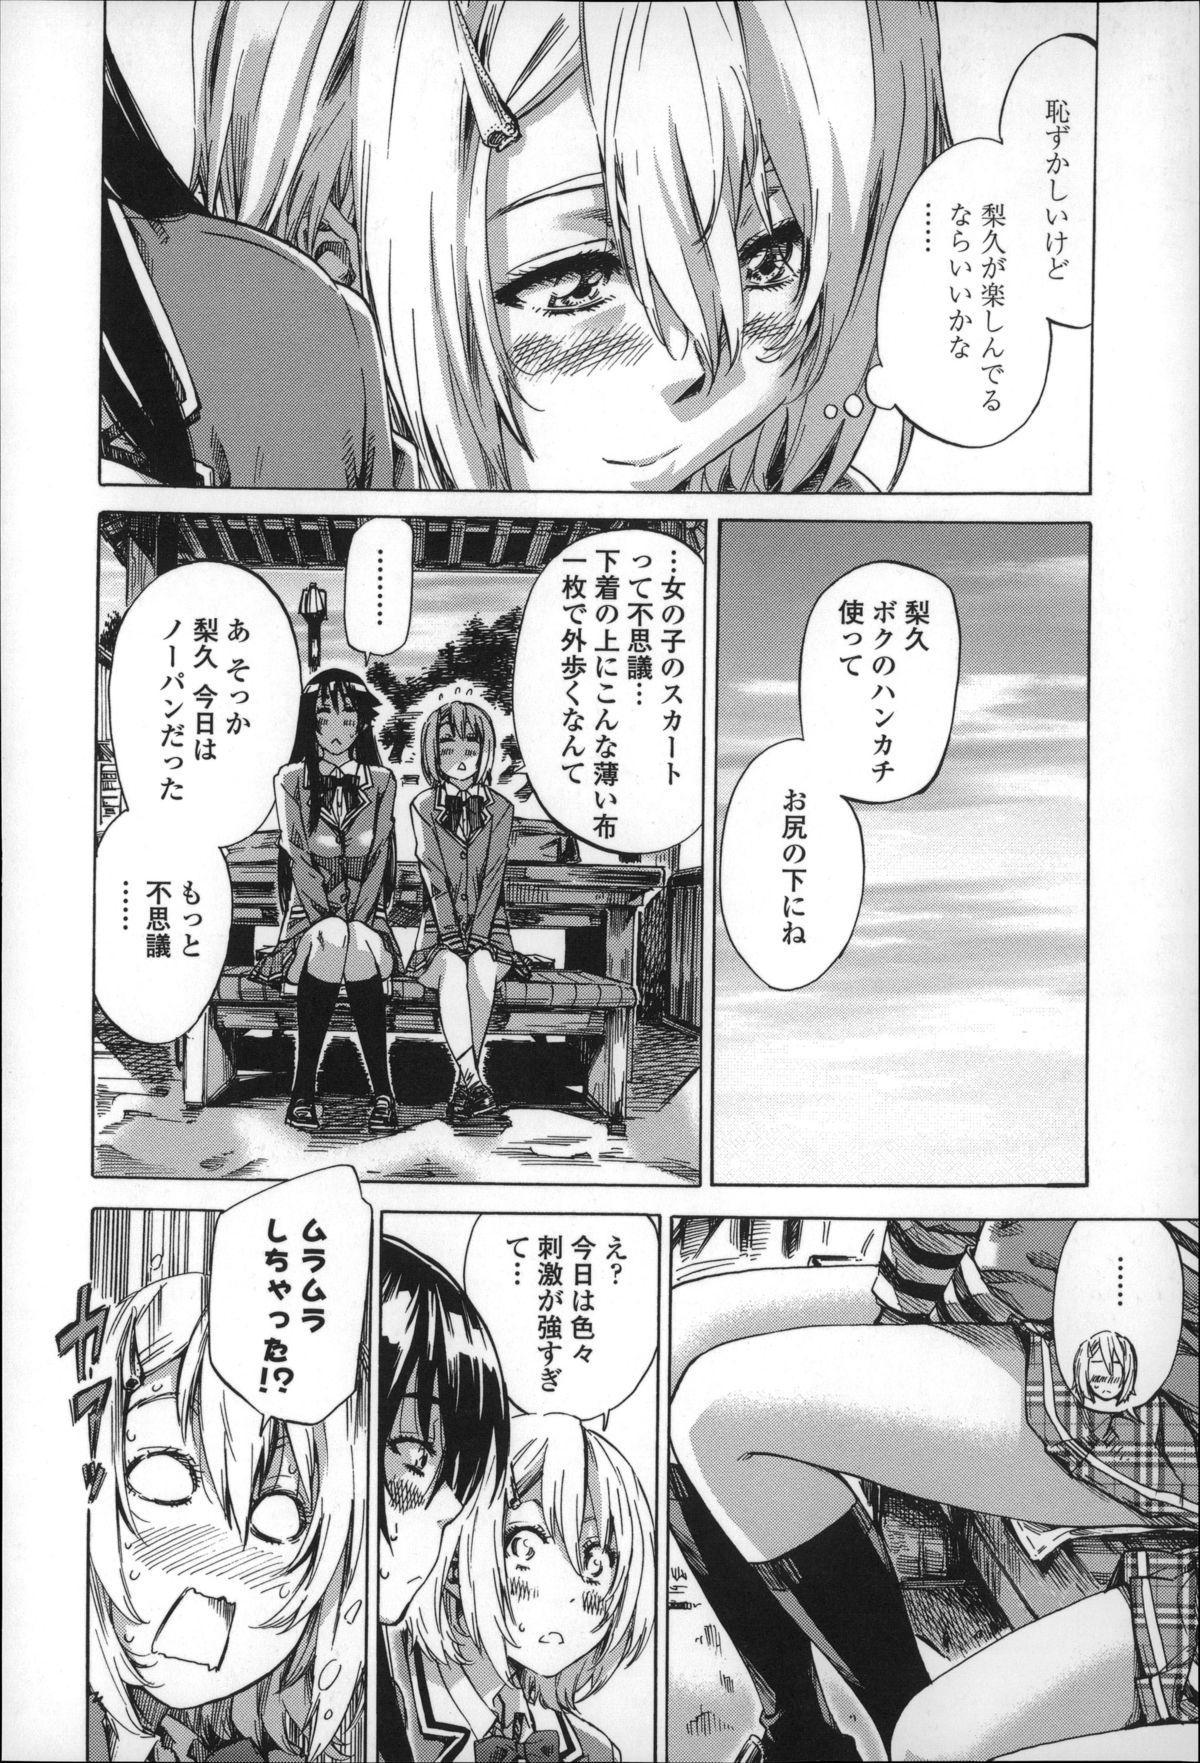 Choushin de Mukuchi no Kanojo ga Hatsujou Shite Kitara Eroiyo ne? 33